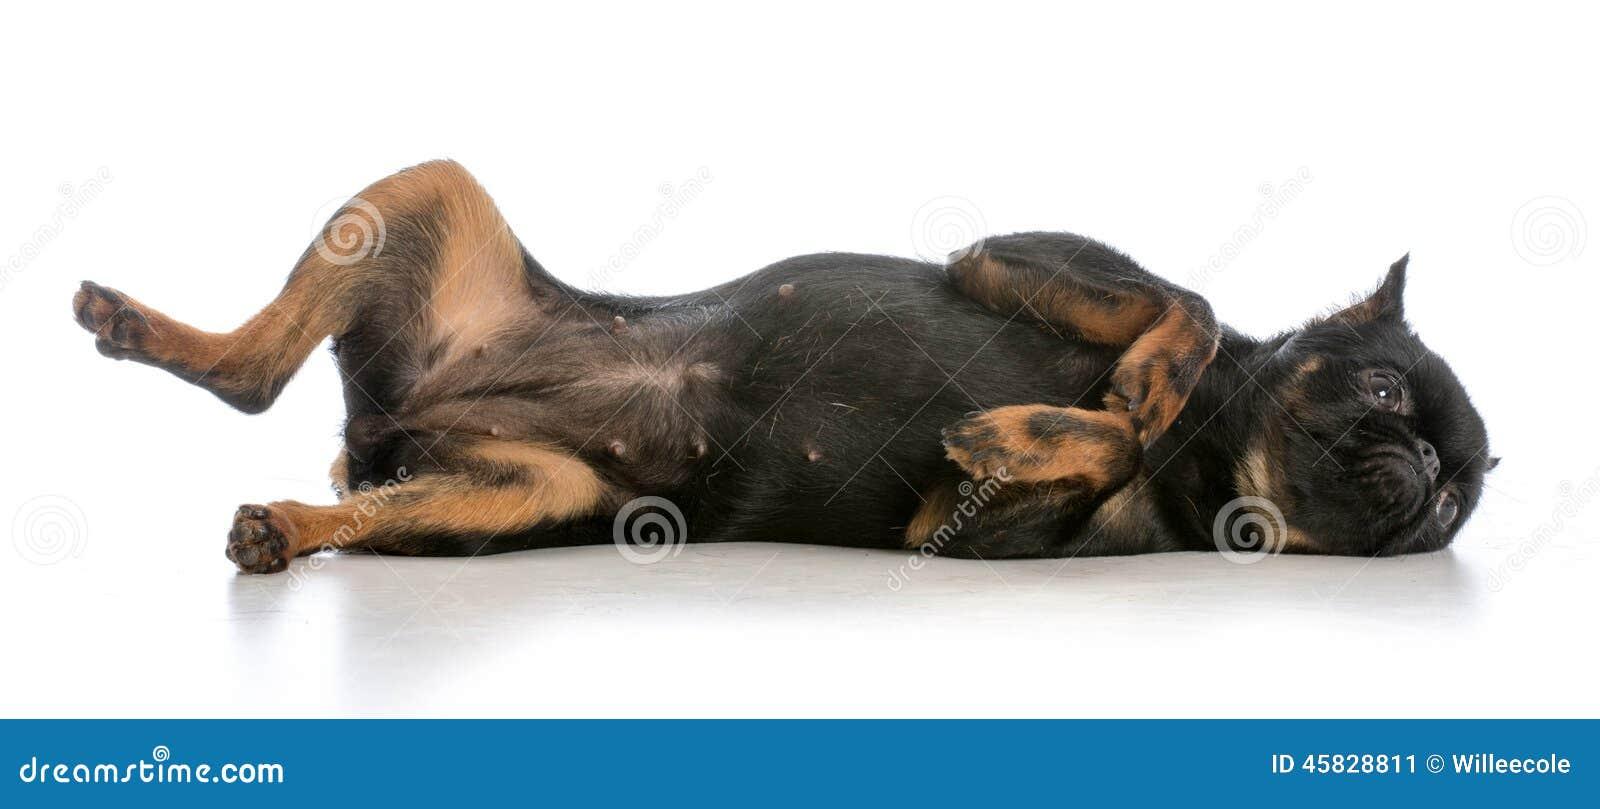 dog laying on back